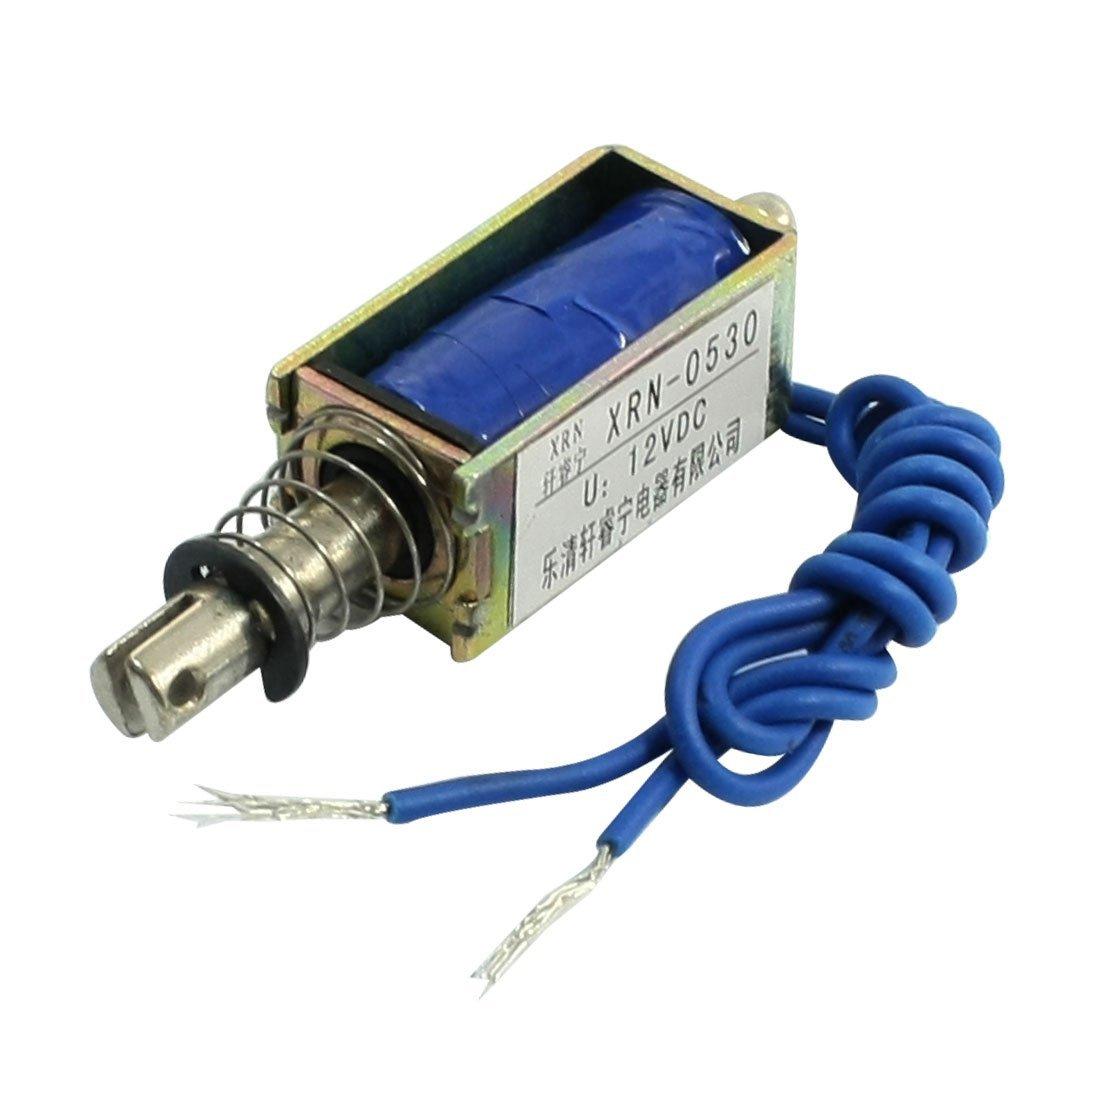 цена на Solenoid electric solenoid type push / pull 10 mm DC 12 V 2.1 kg force